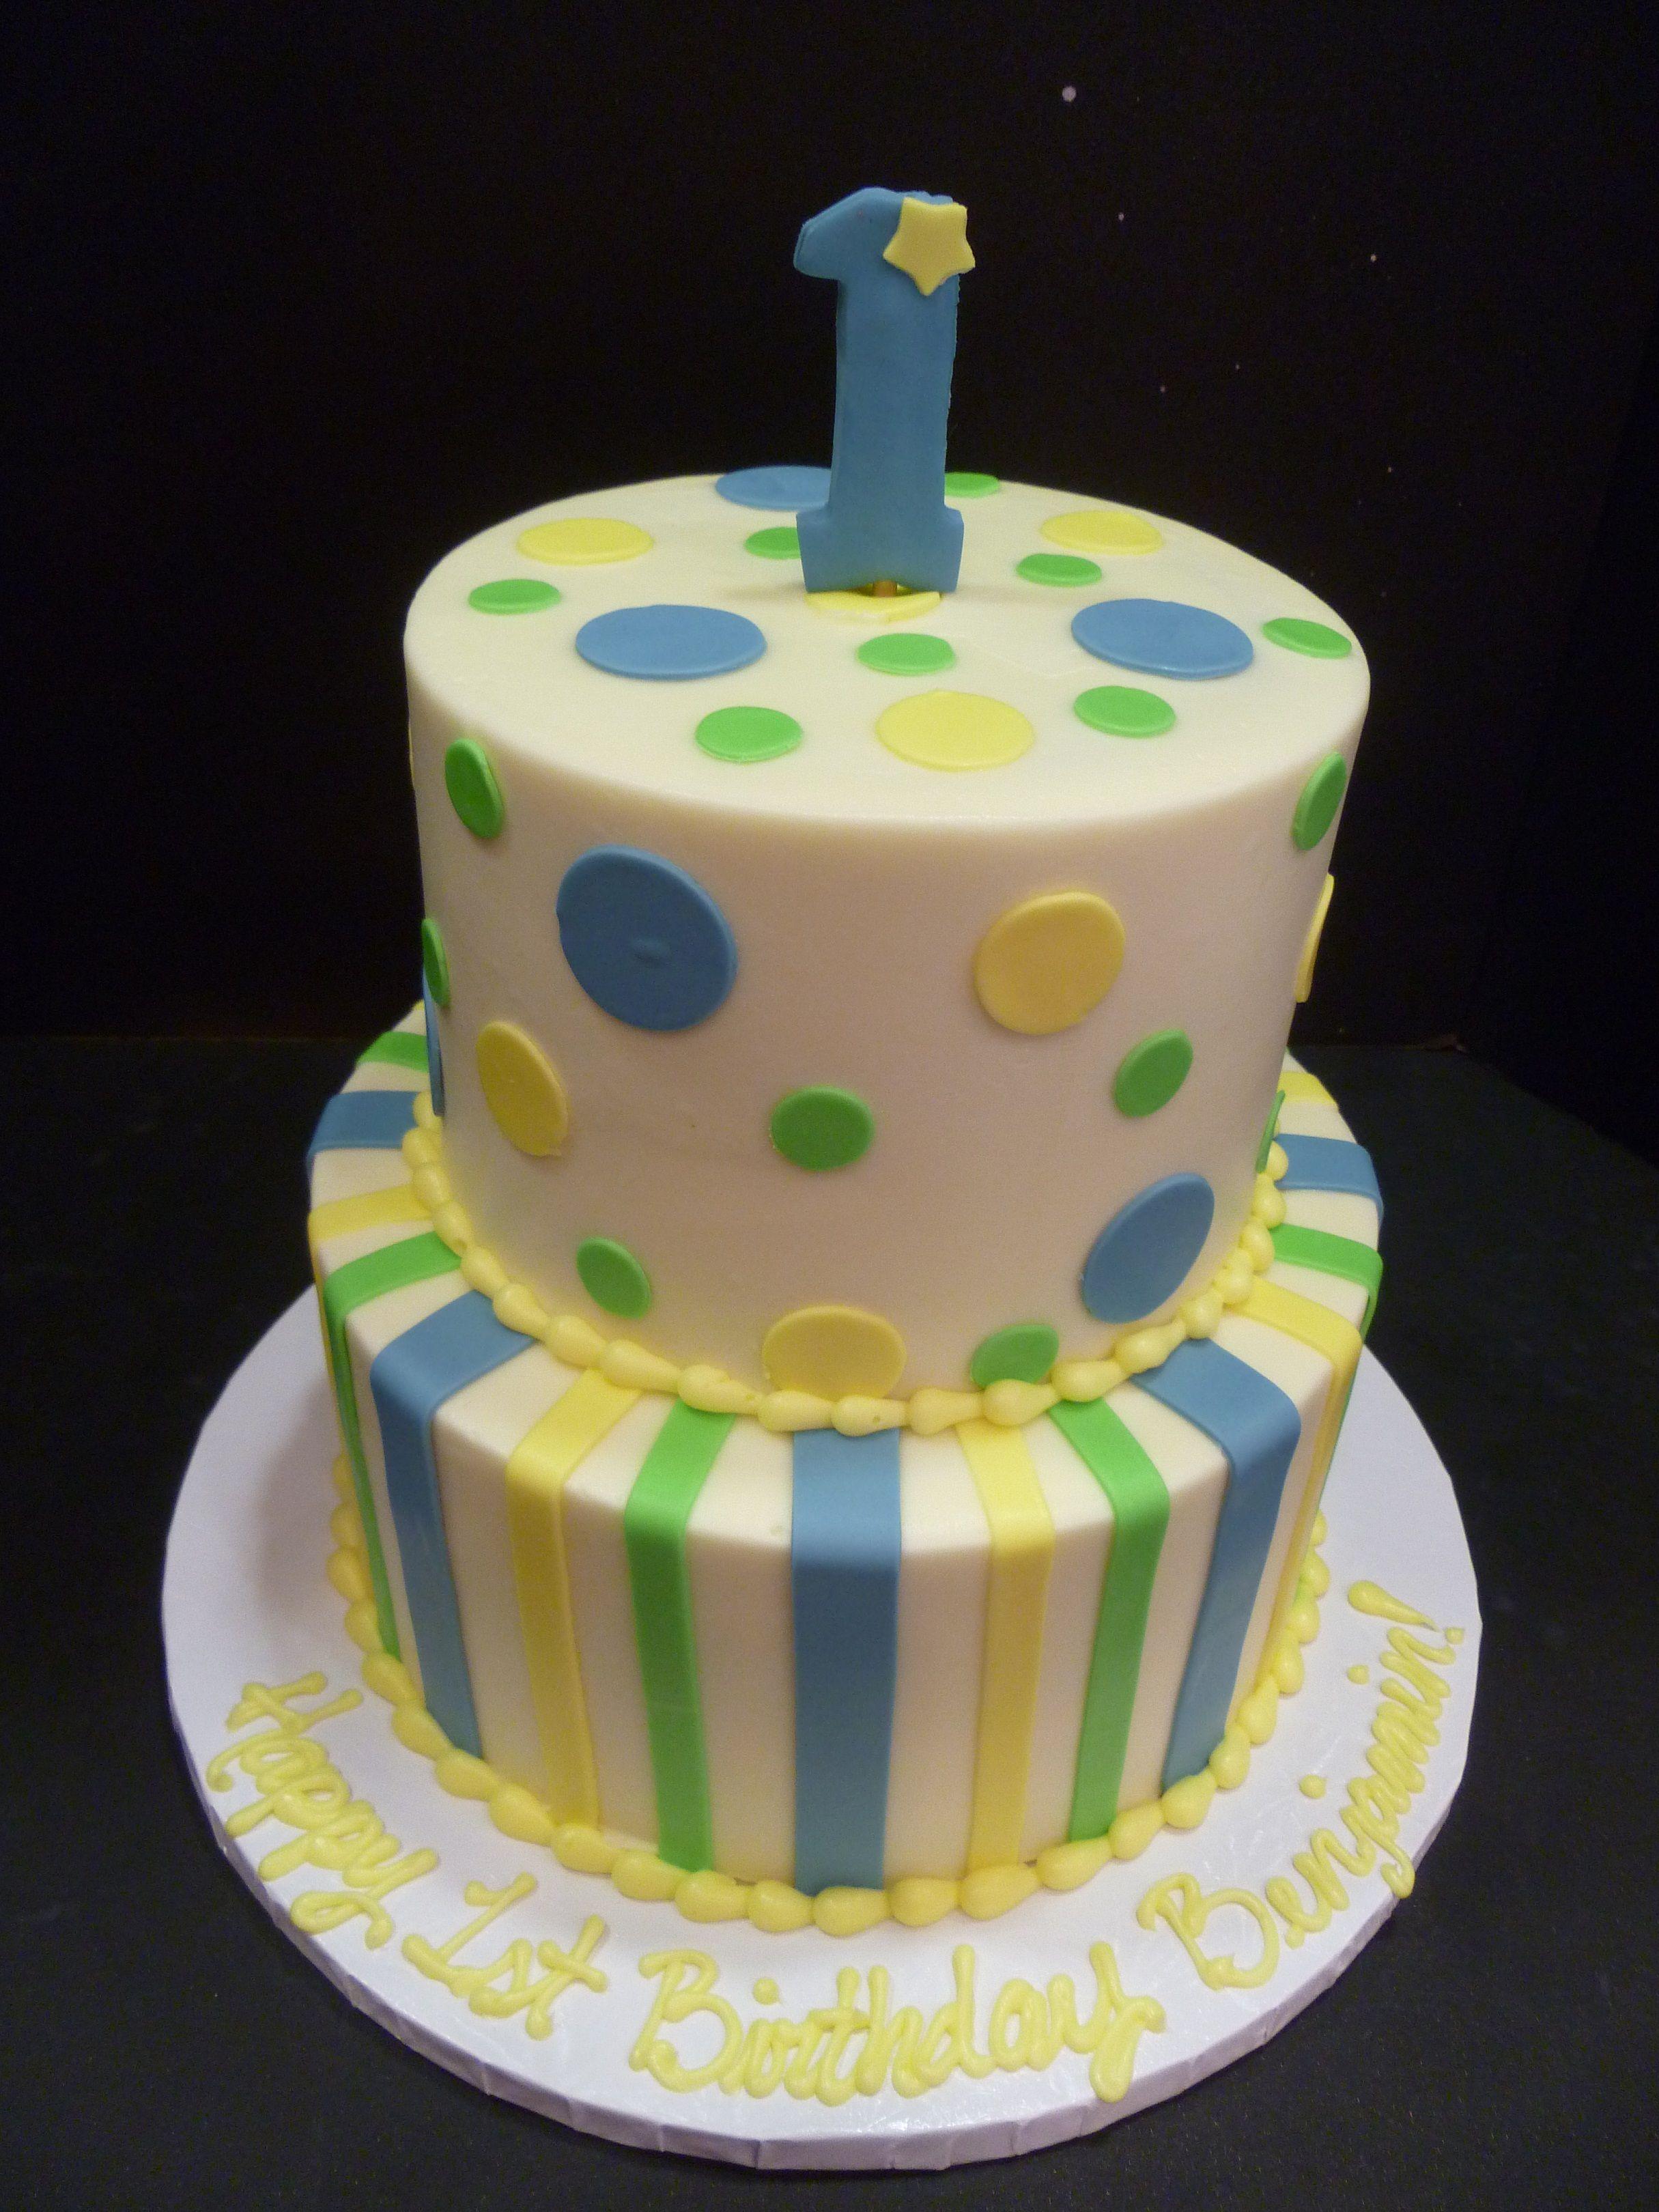 Birthday Cake 1st Birthday Cake For Boyg Birthday Pinterest